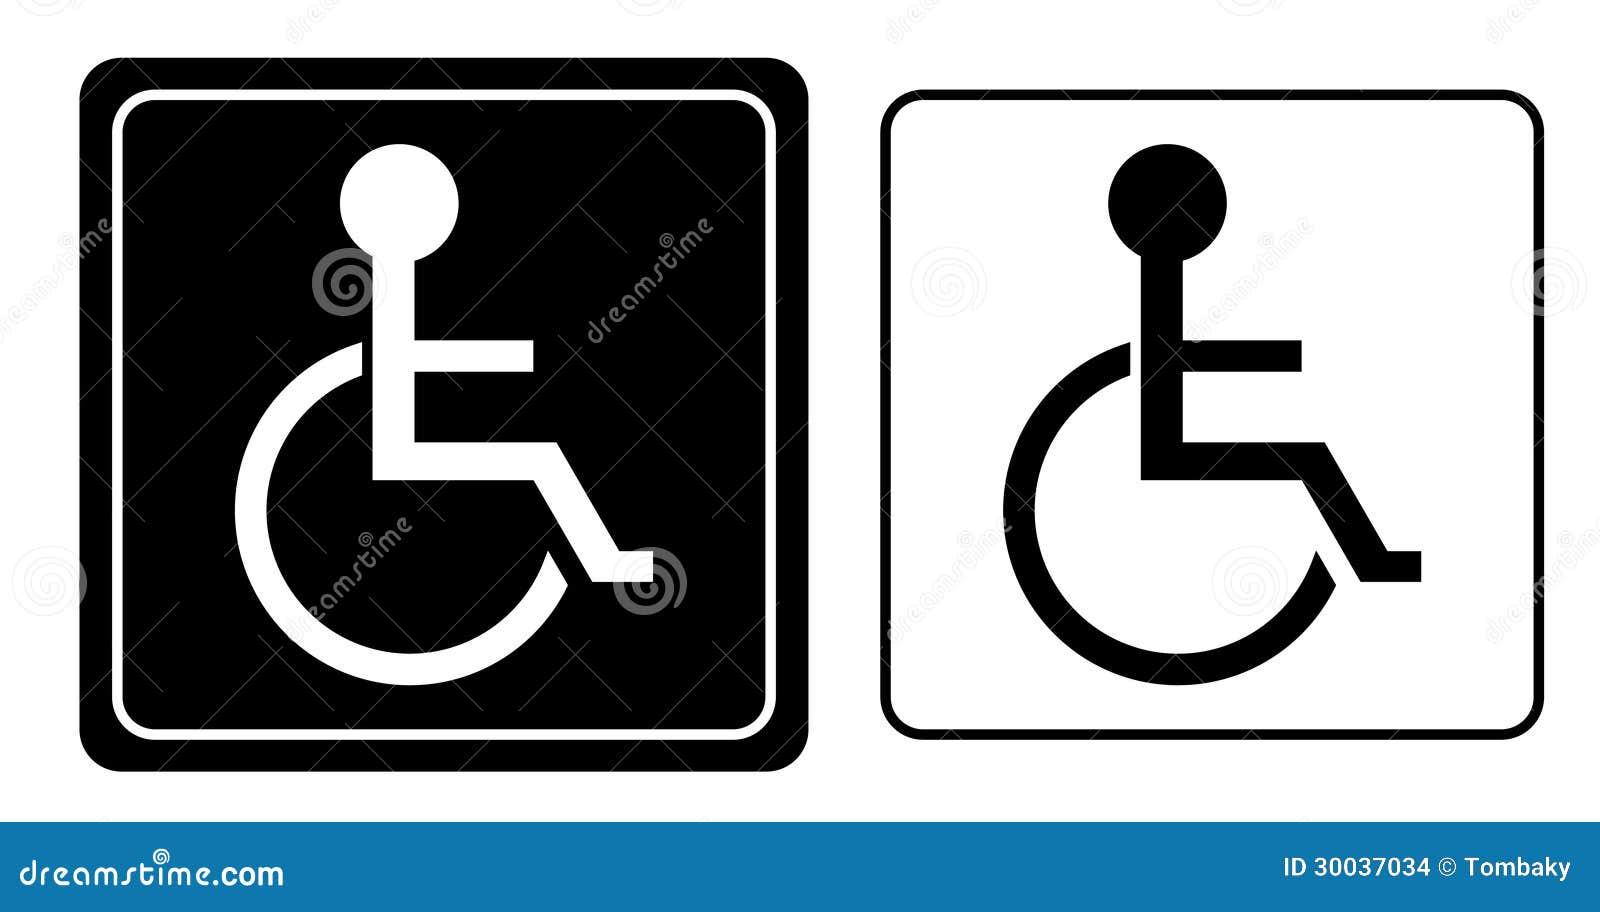 La sedia a rotelle scena - 4 6